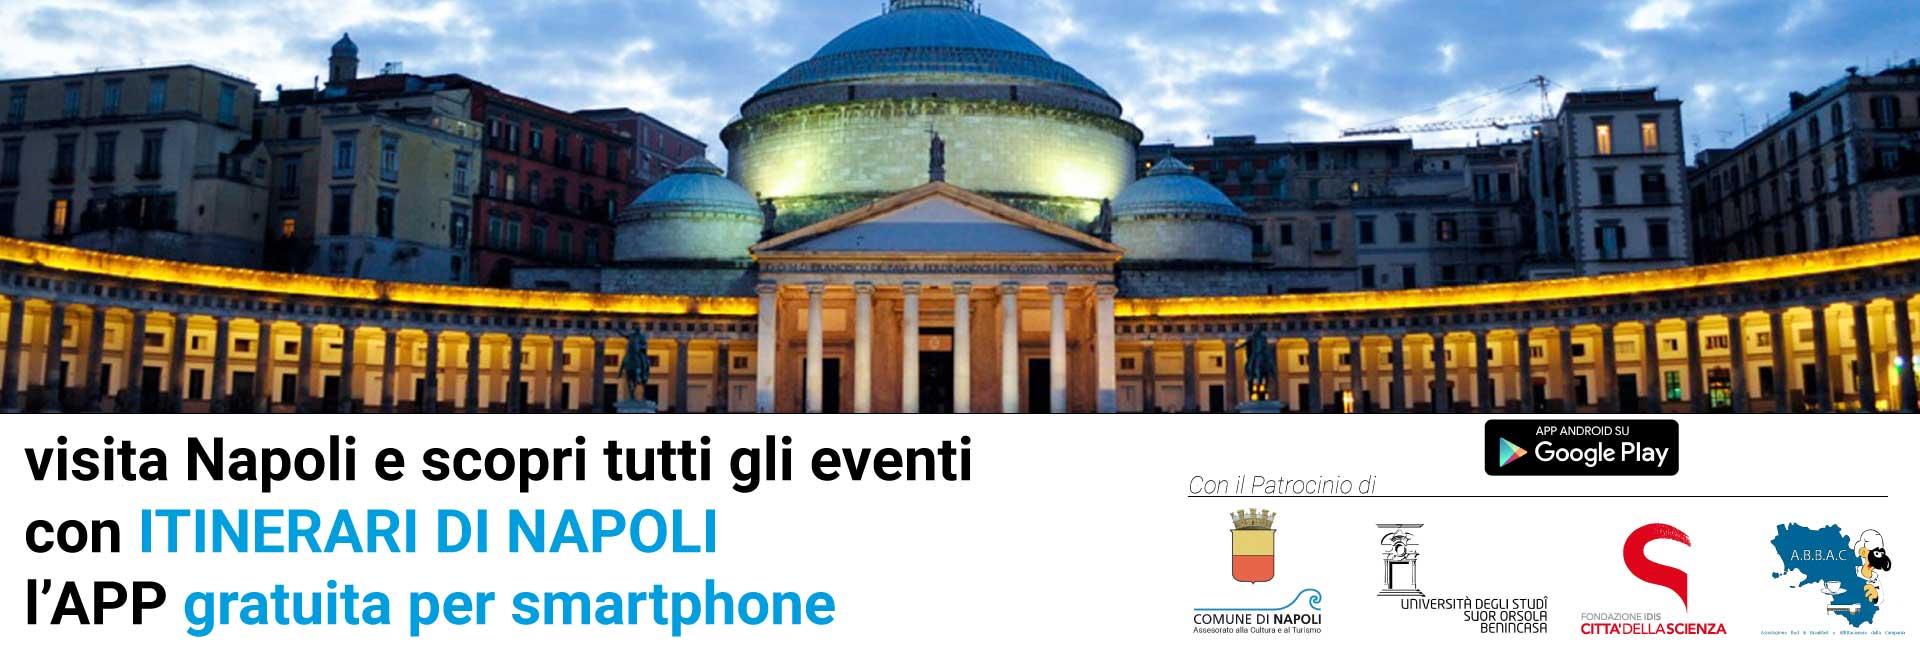 Per la Notte Europea dei Musei utilizza Itinerari di Napoli per scoprire gli eventi in programma